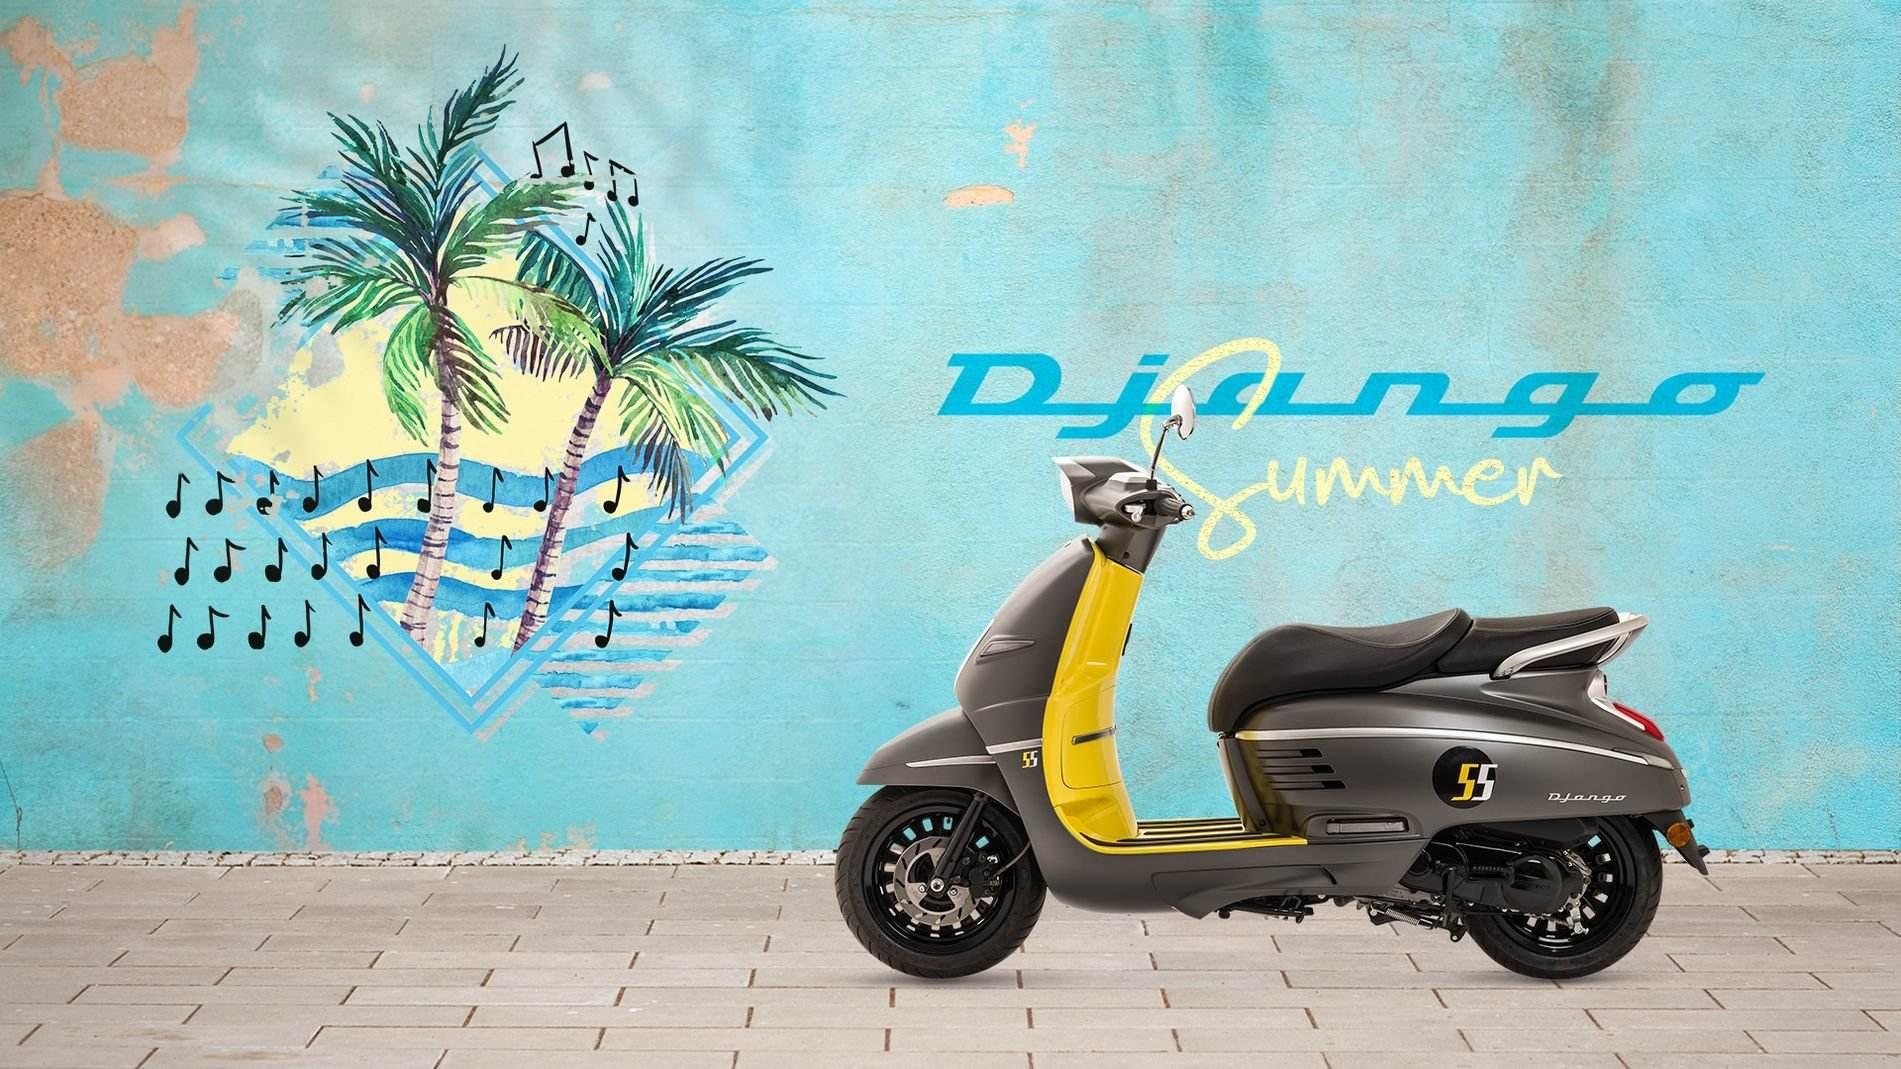 Peugeot lanza la edición especial Django Summer